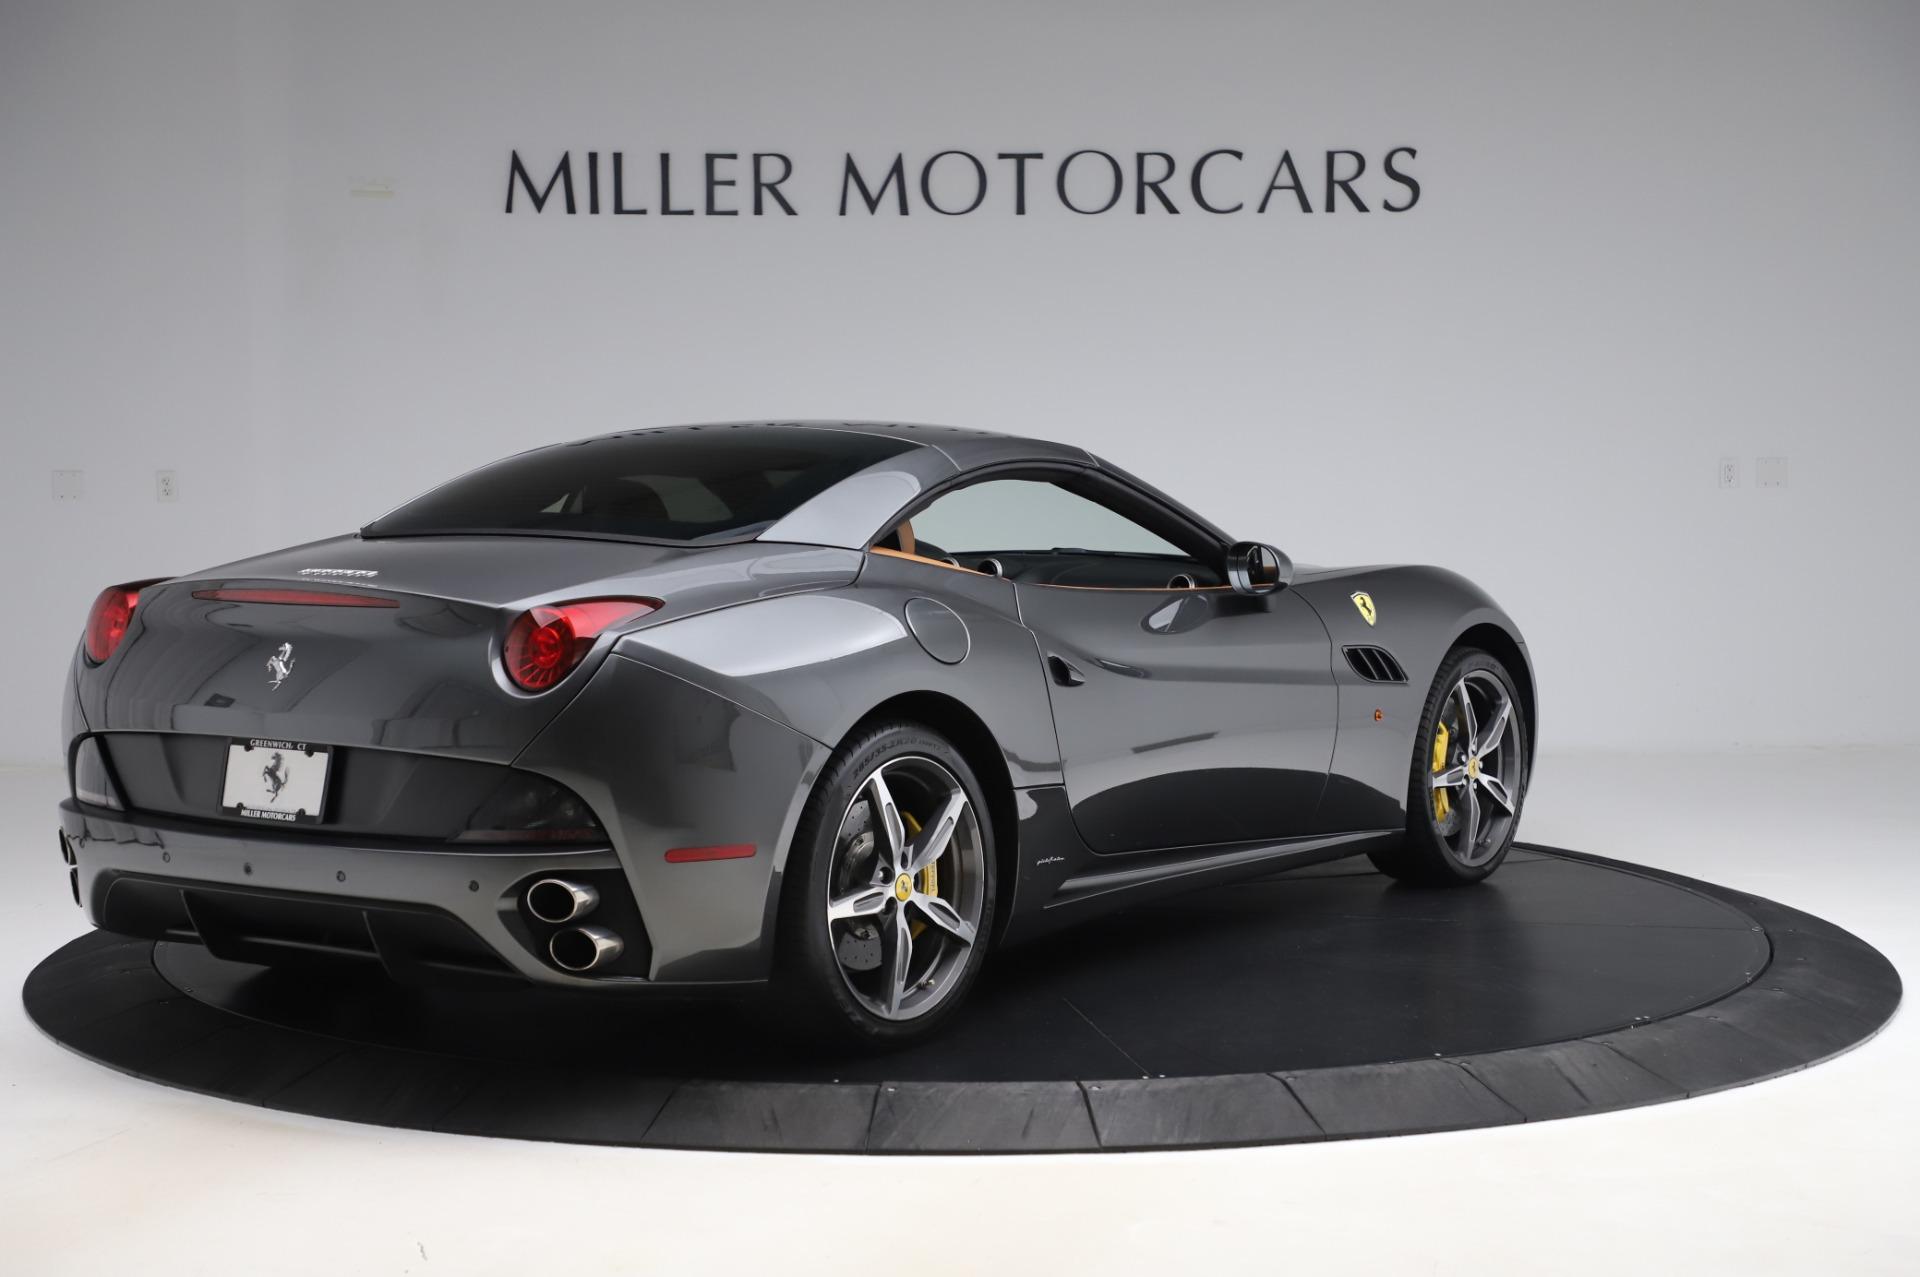 Pre-Owned 2014 Ferrari California 30 For Sale () | Miller ...